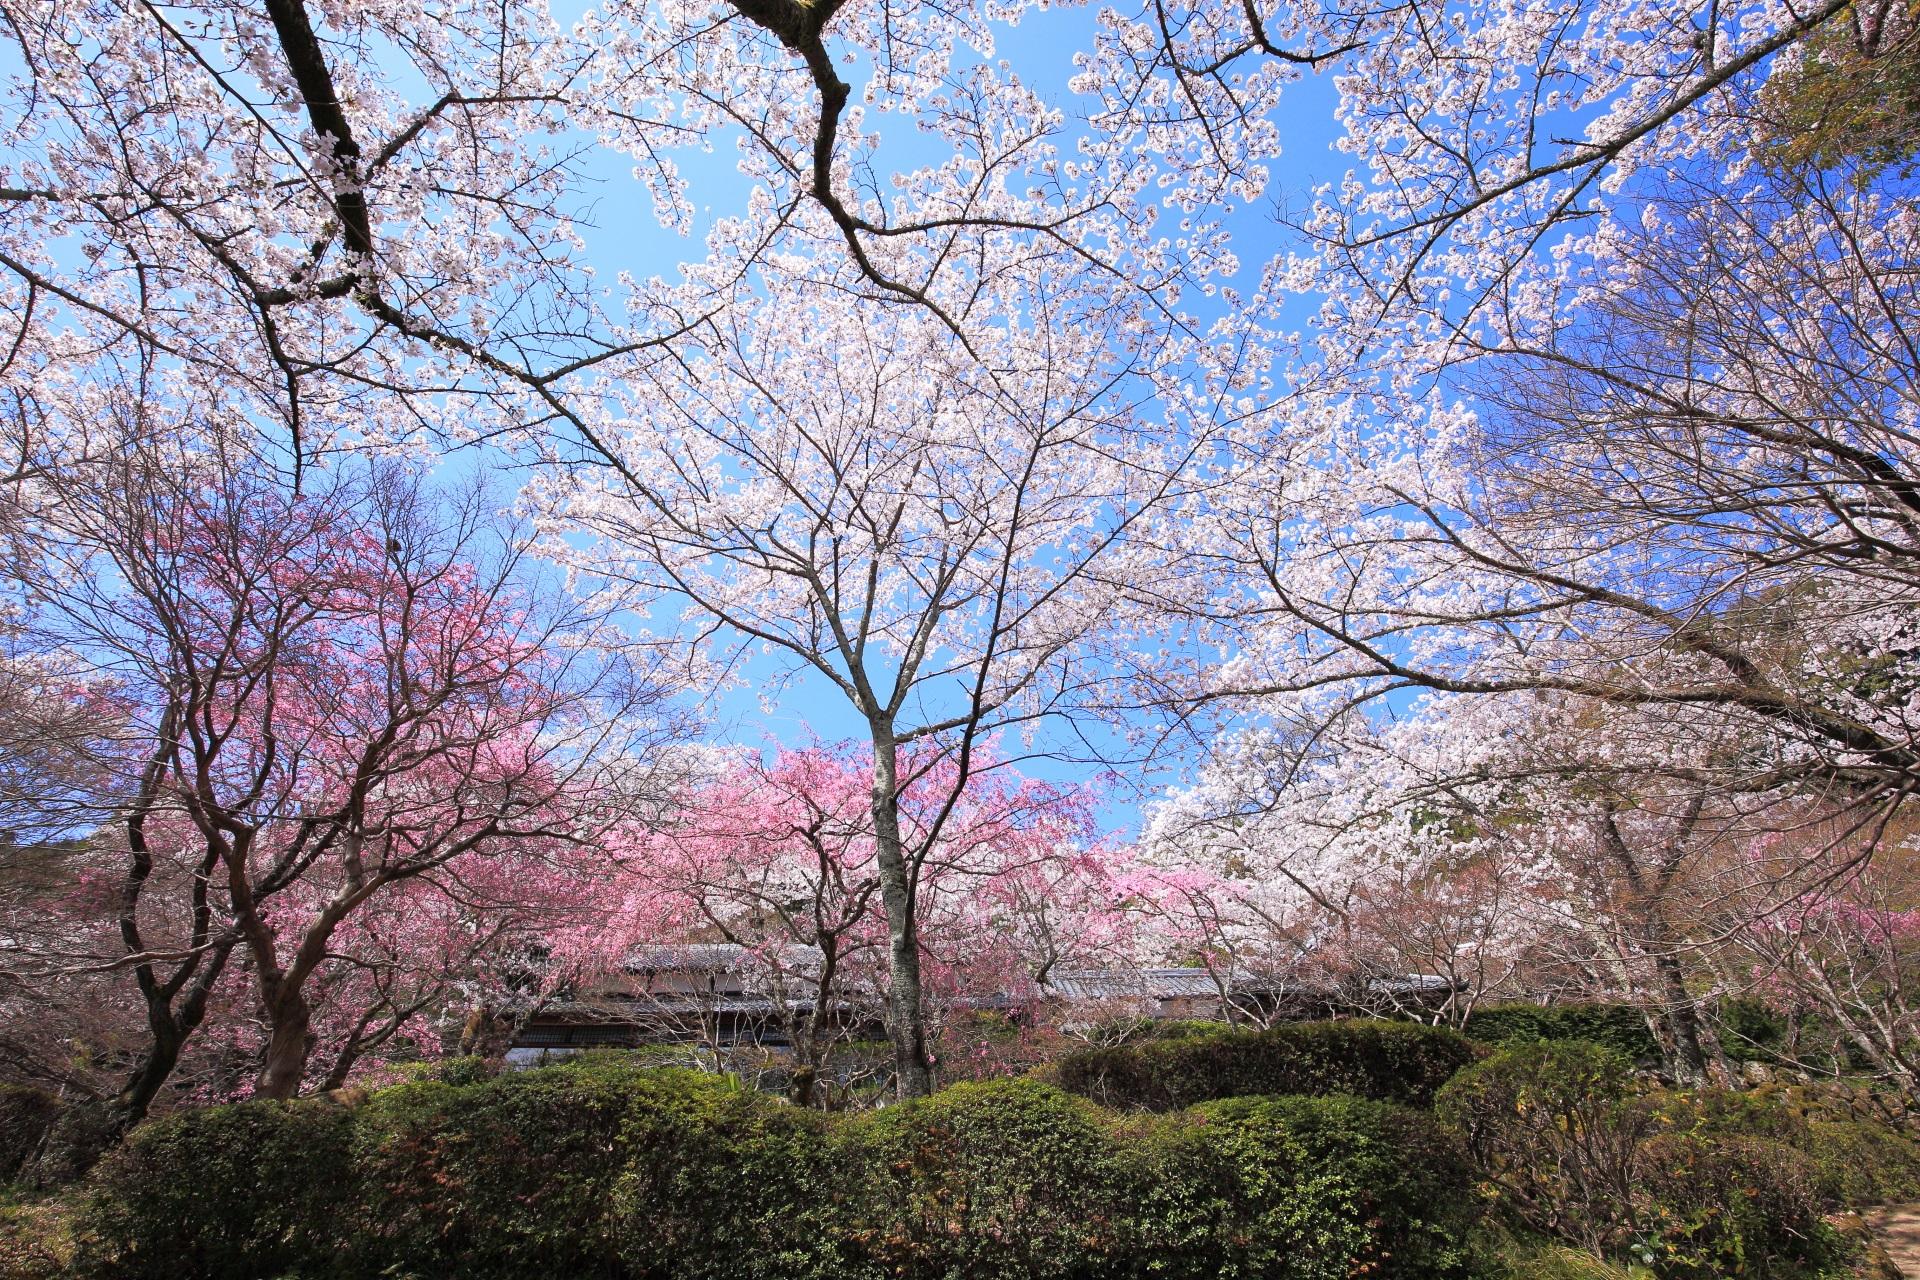 桜ヶ丘の下の方から見上げたピンクと白の桜の天井